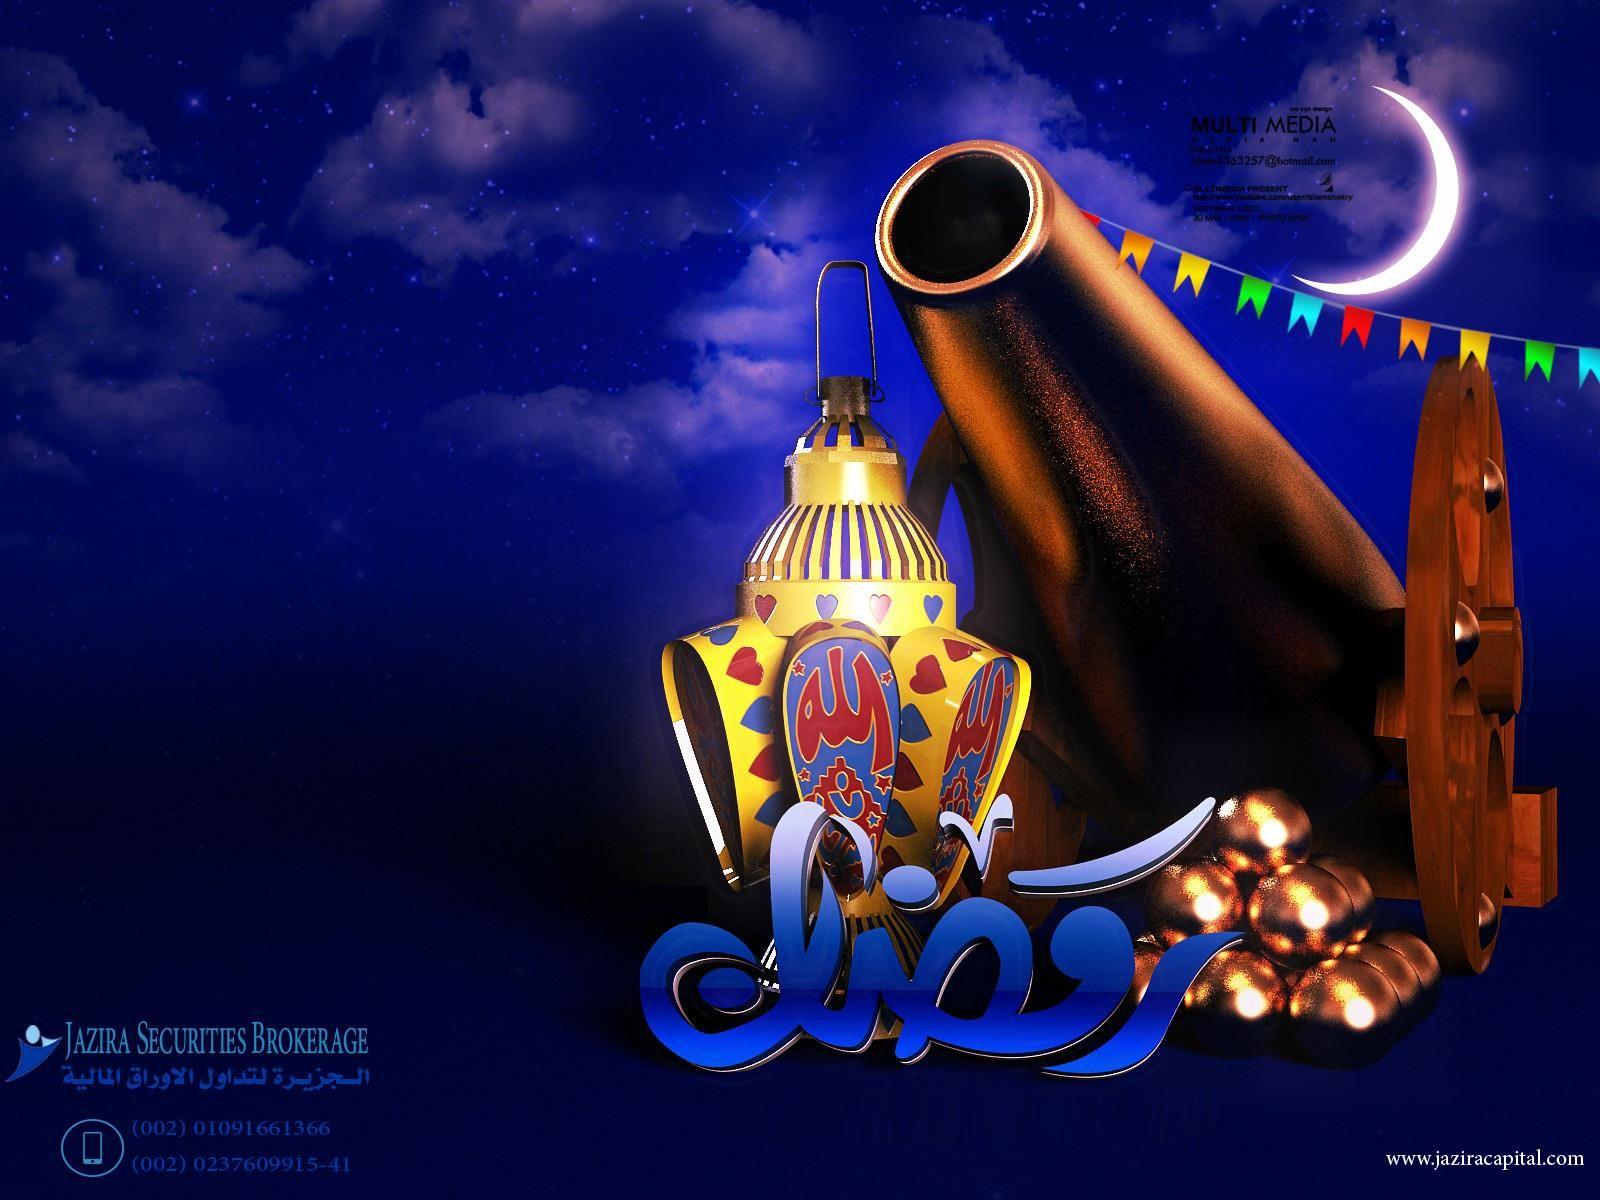 قال رسول الله صلى الله عليه وسلم تسحروا فإن في السحور بركة كل عام وحضراتكم بخير أول يوم رمضان و أول سحور مبارك عليكم الشهر Ramadan Kareem Ramadan Art